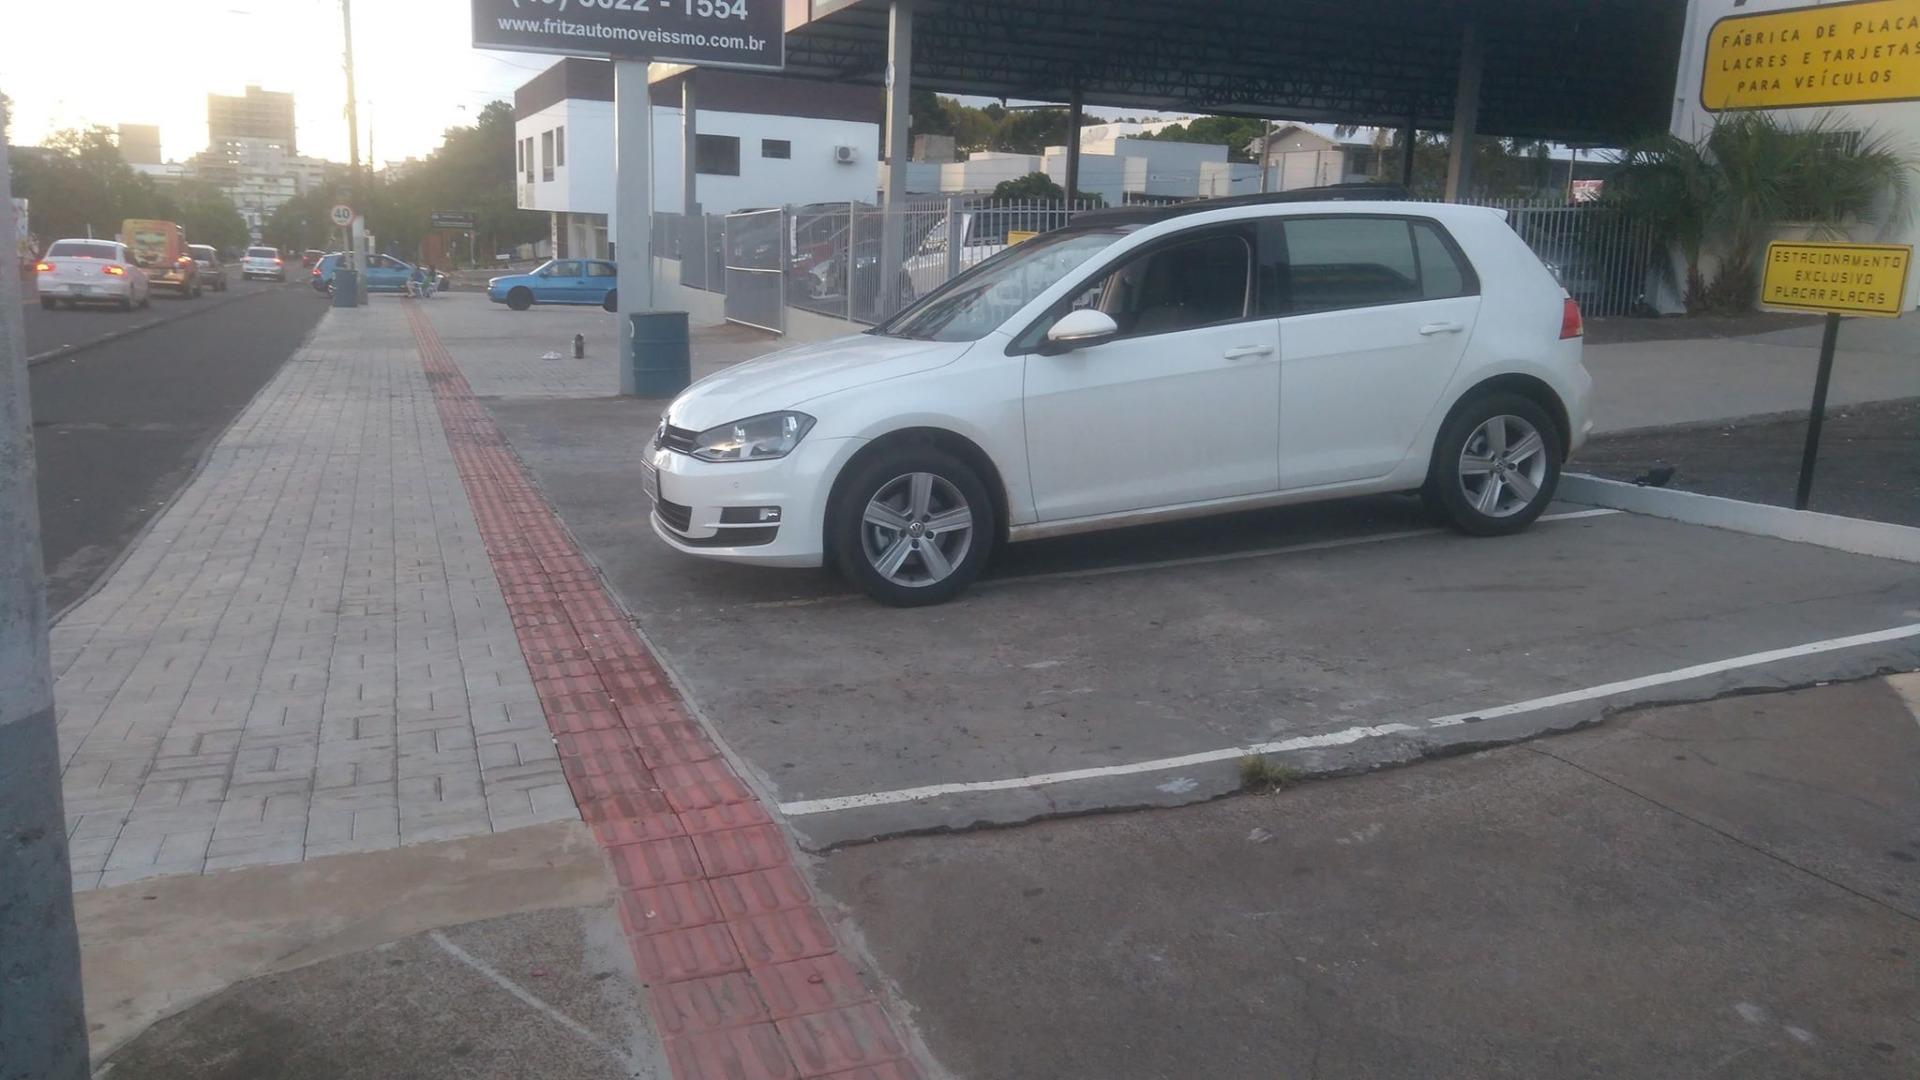 Projeto autoriza uso de recuo frontal em frente a empresas do município